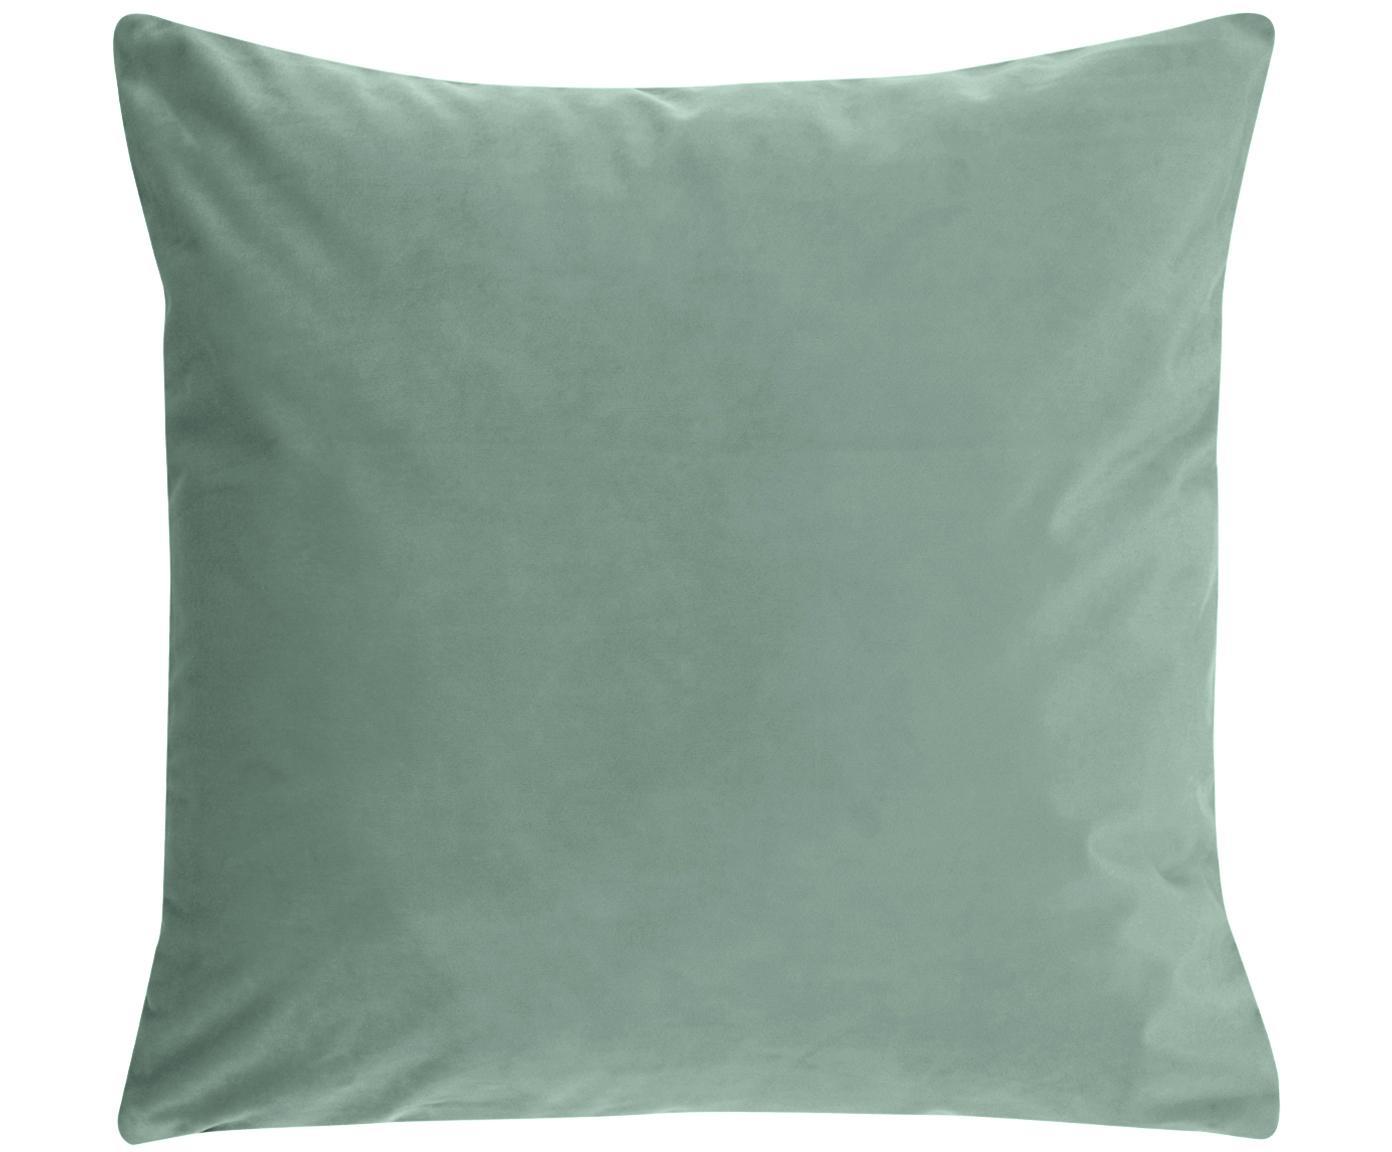 Glänzende Samt-Kissenhülle Monet, 100% Polyestersamt, Mintgrün, 50 x 50 cm